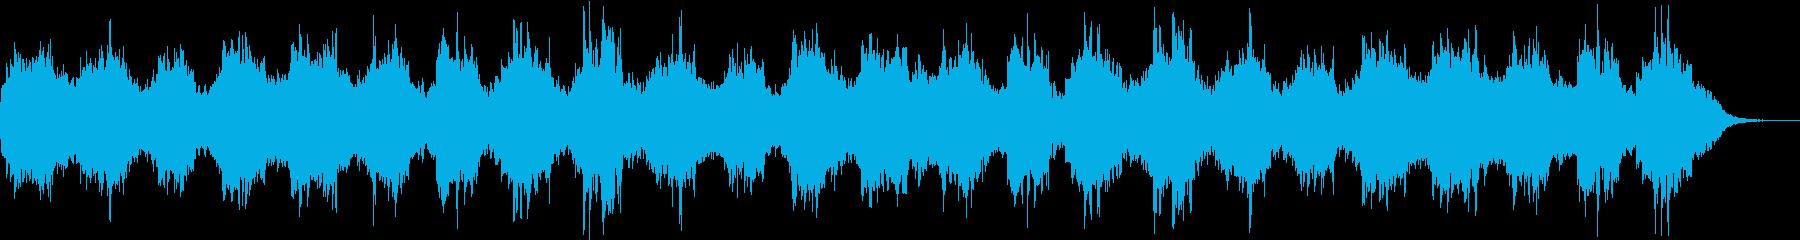 癒しの音楽の再生済みの波形